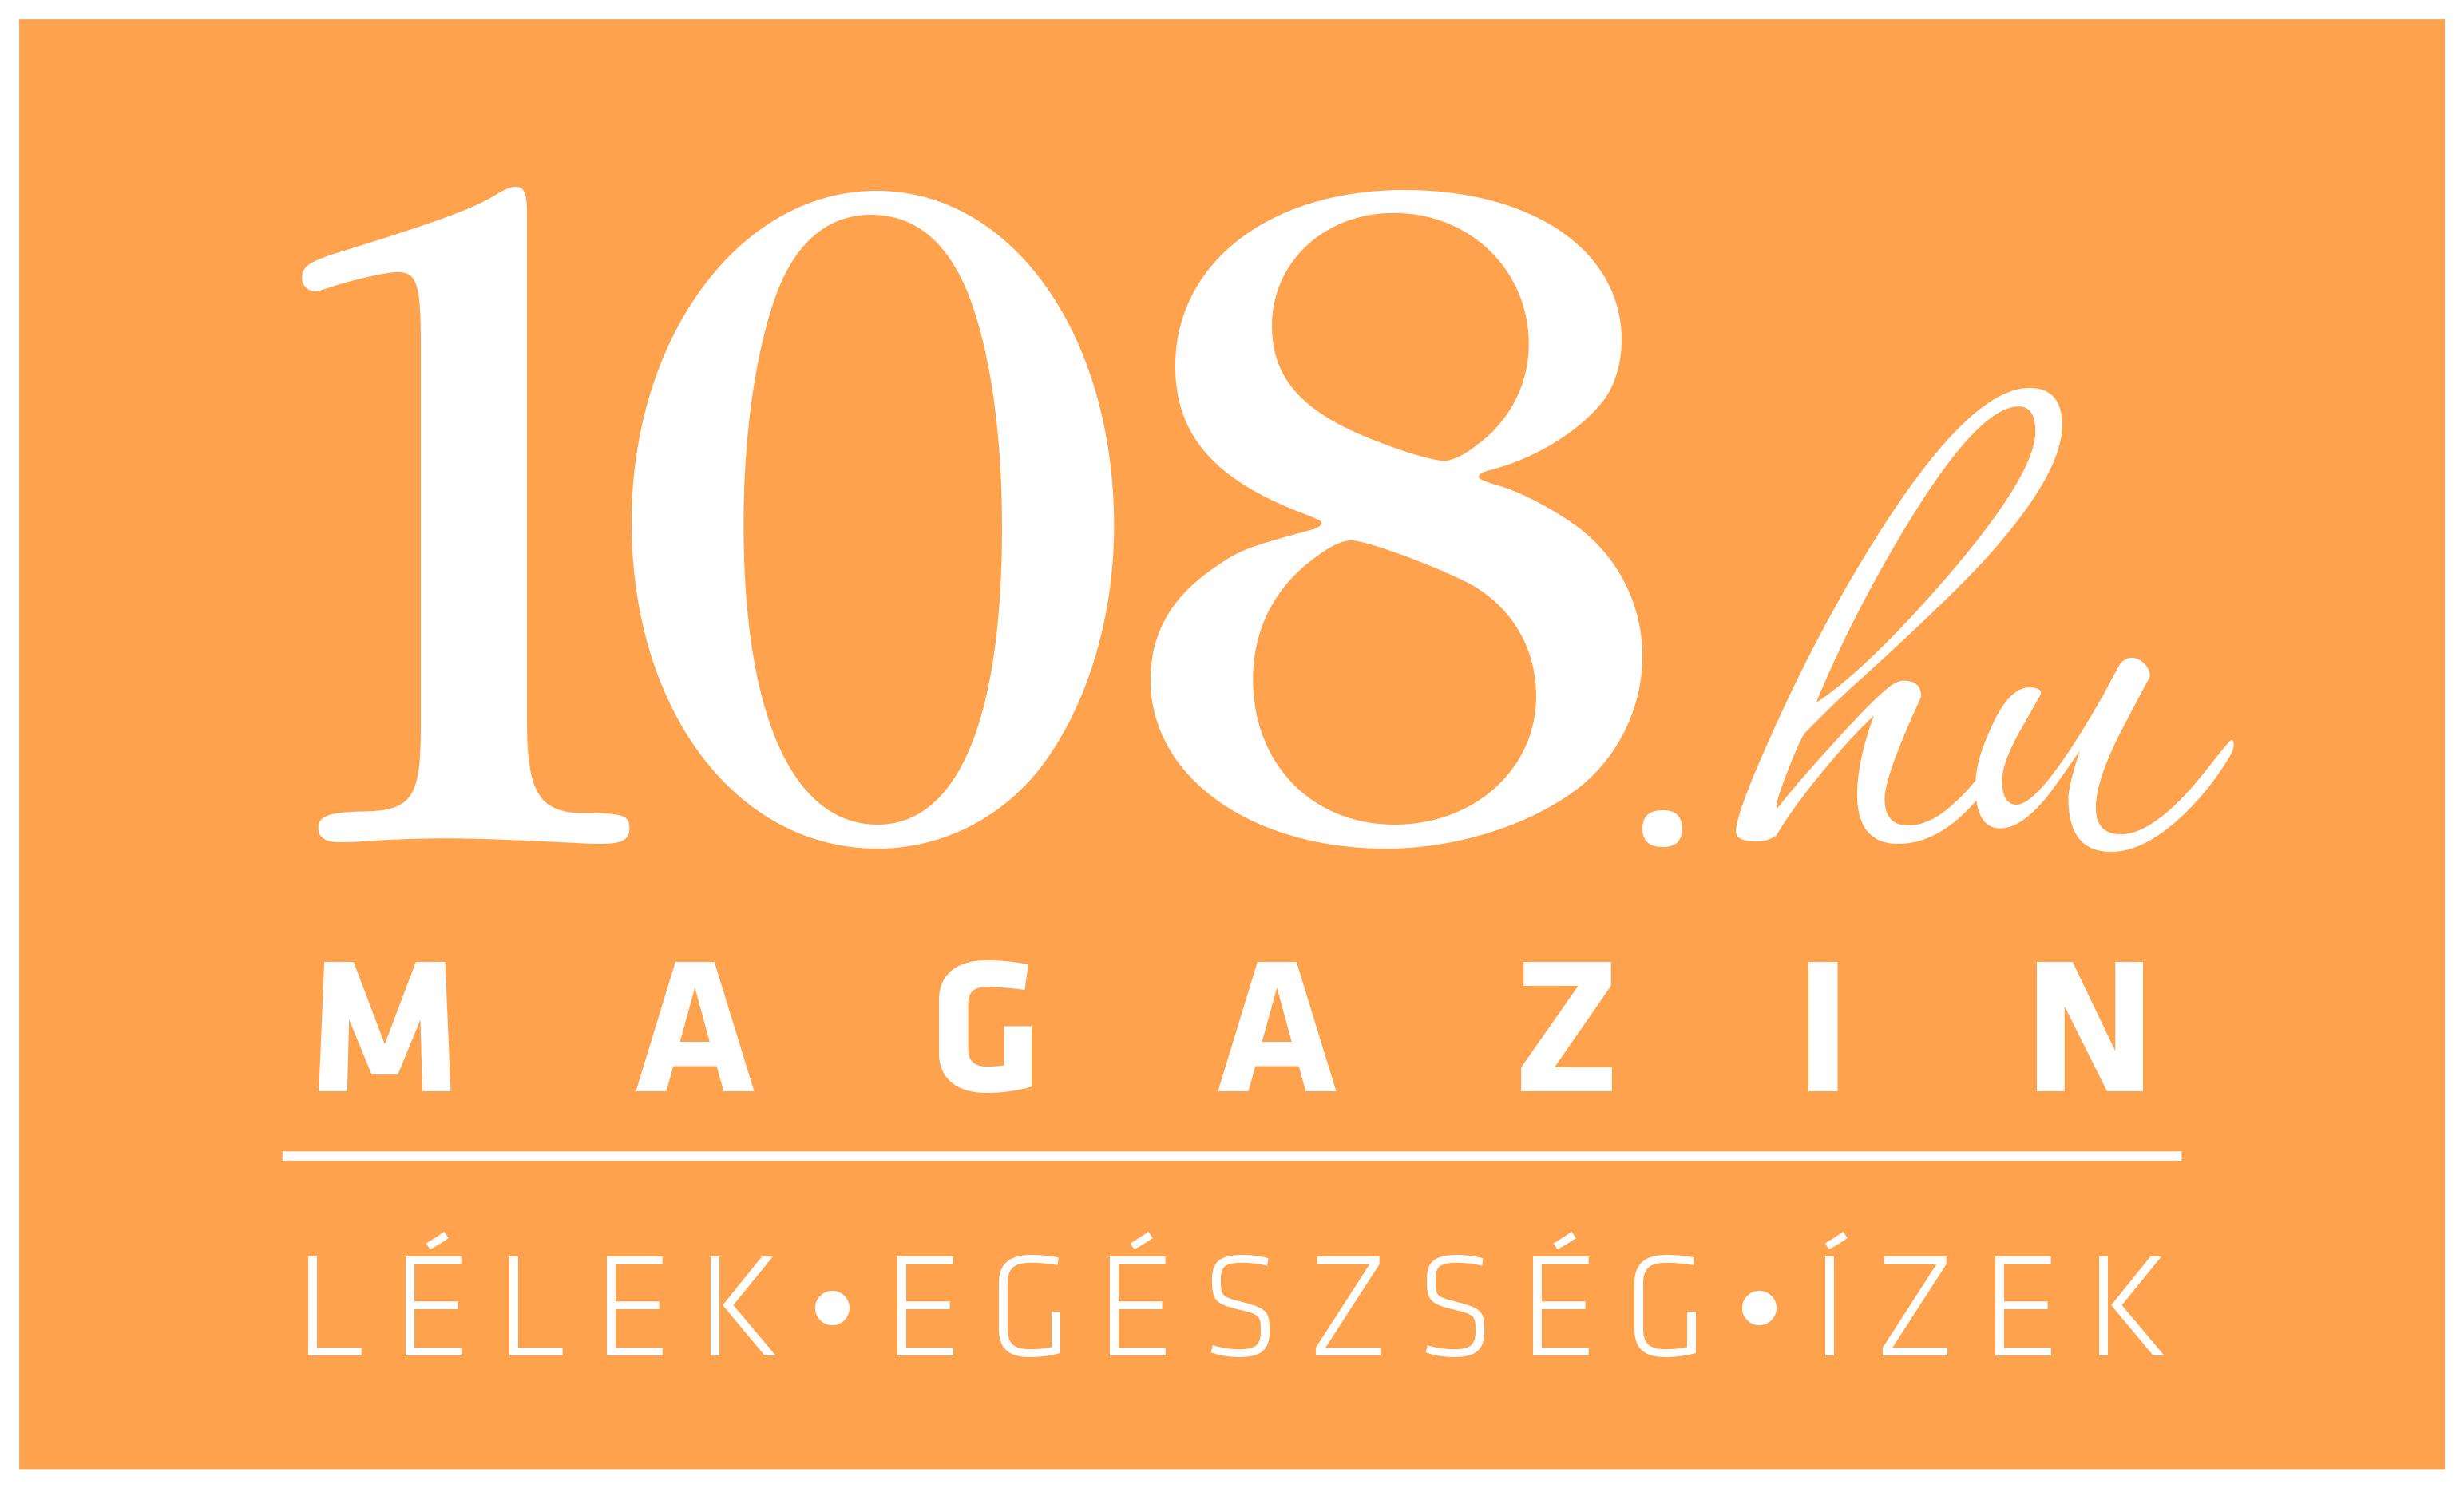 108.hu Magazin és Életmódközpont